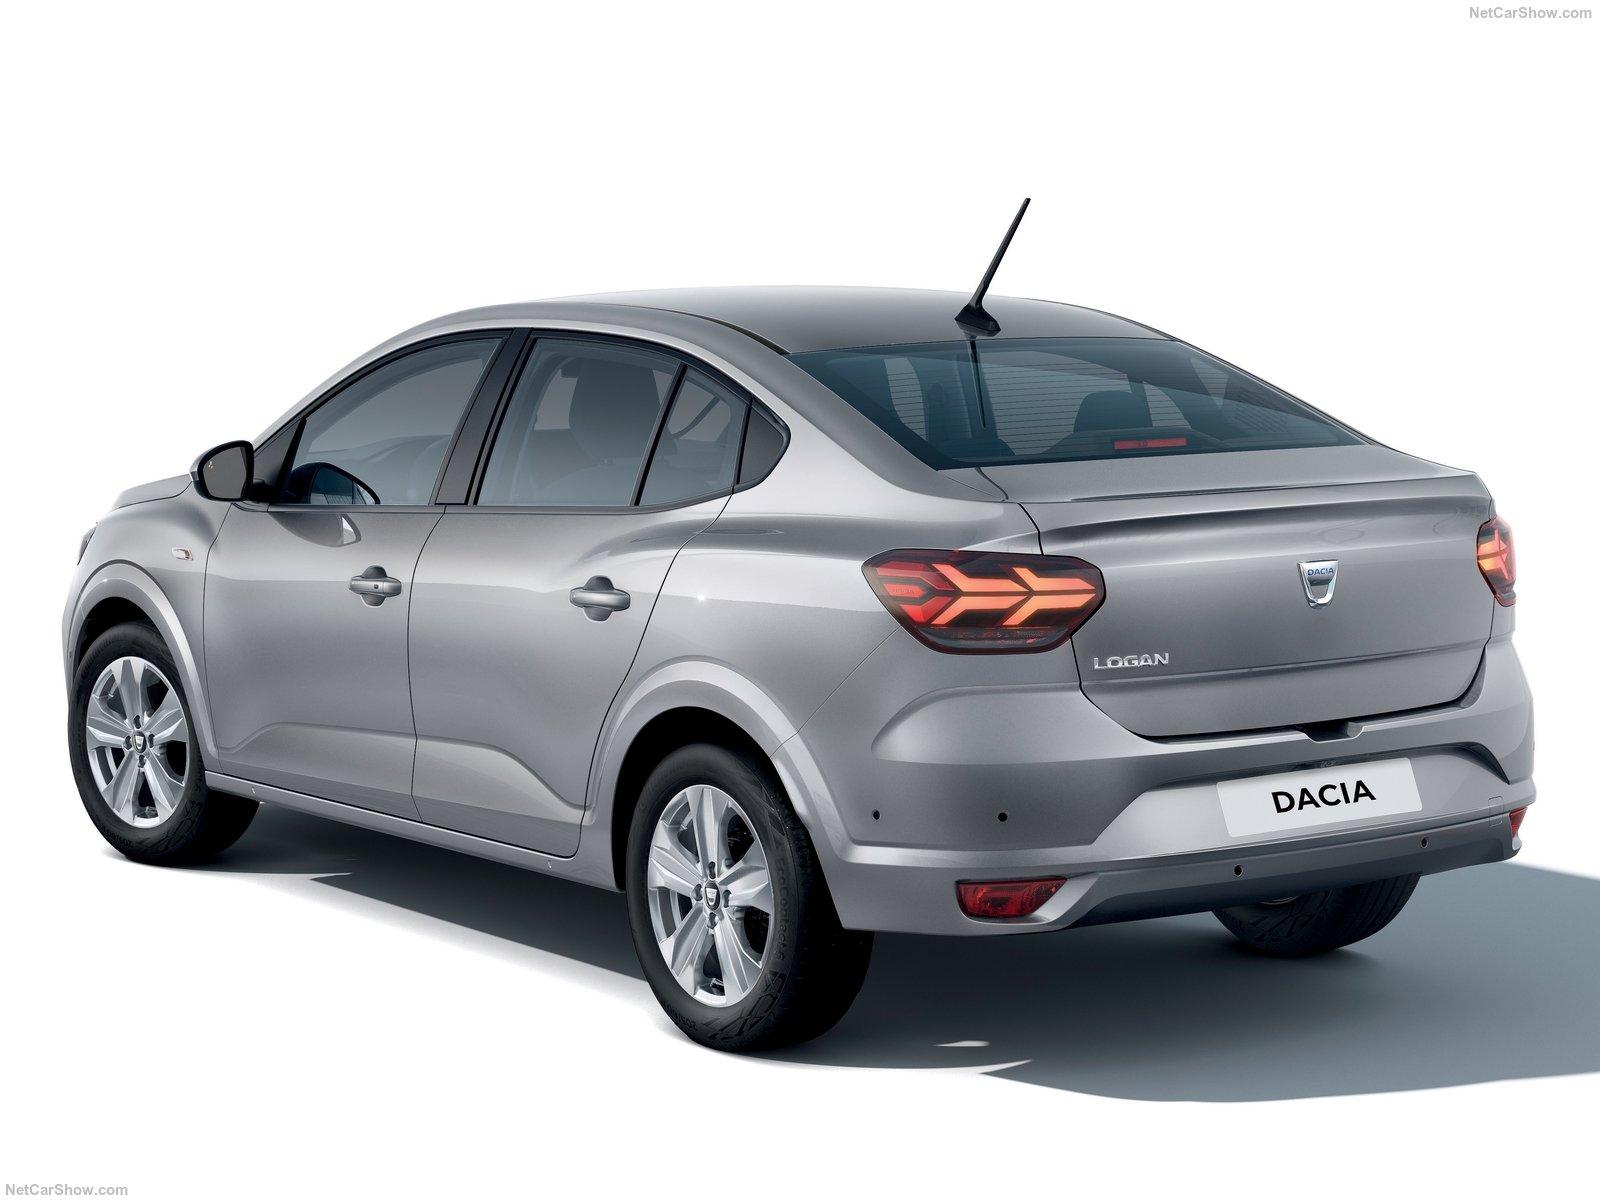 Dacia-Logan-2021-1600-09